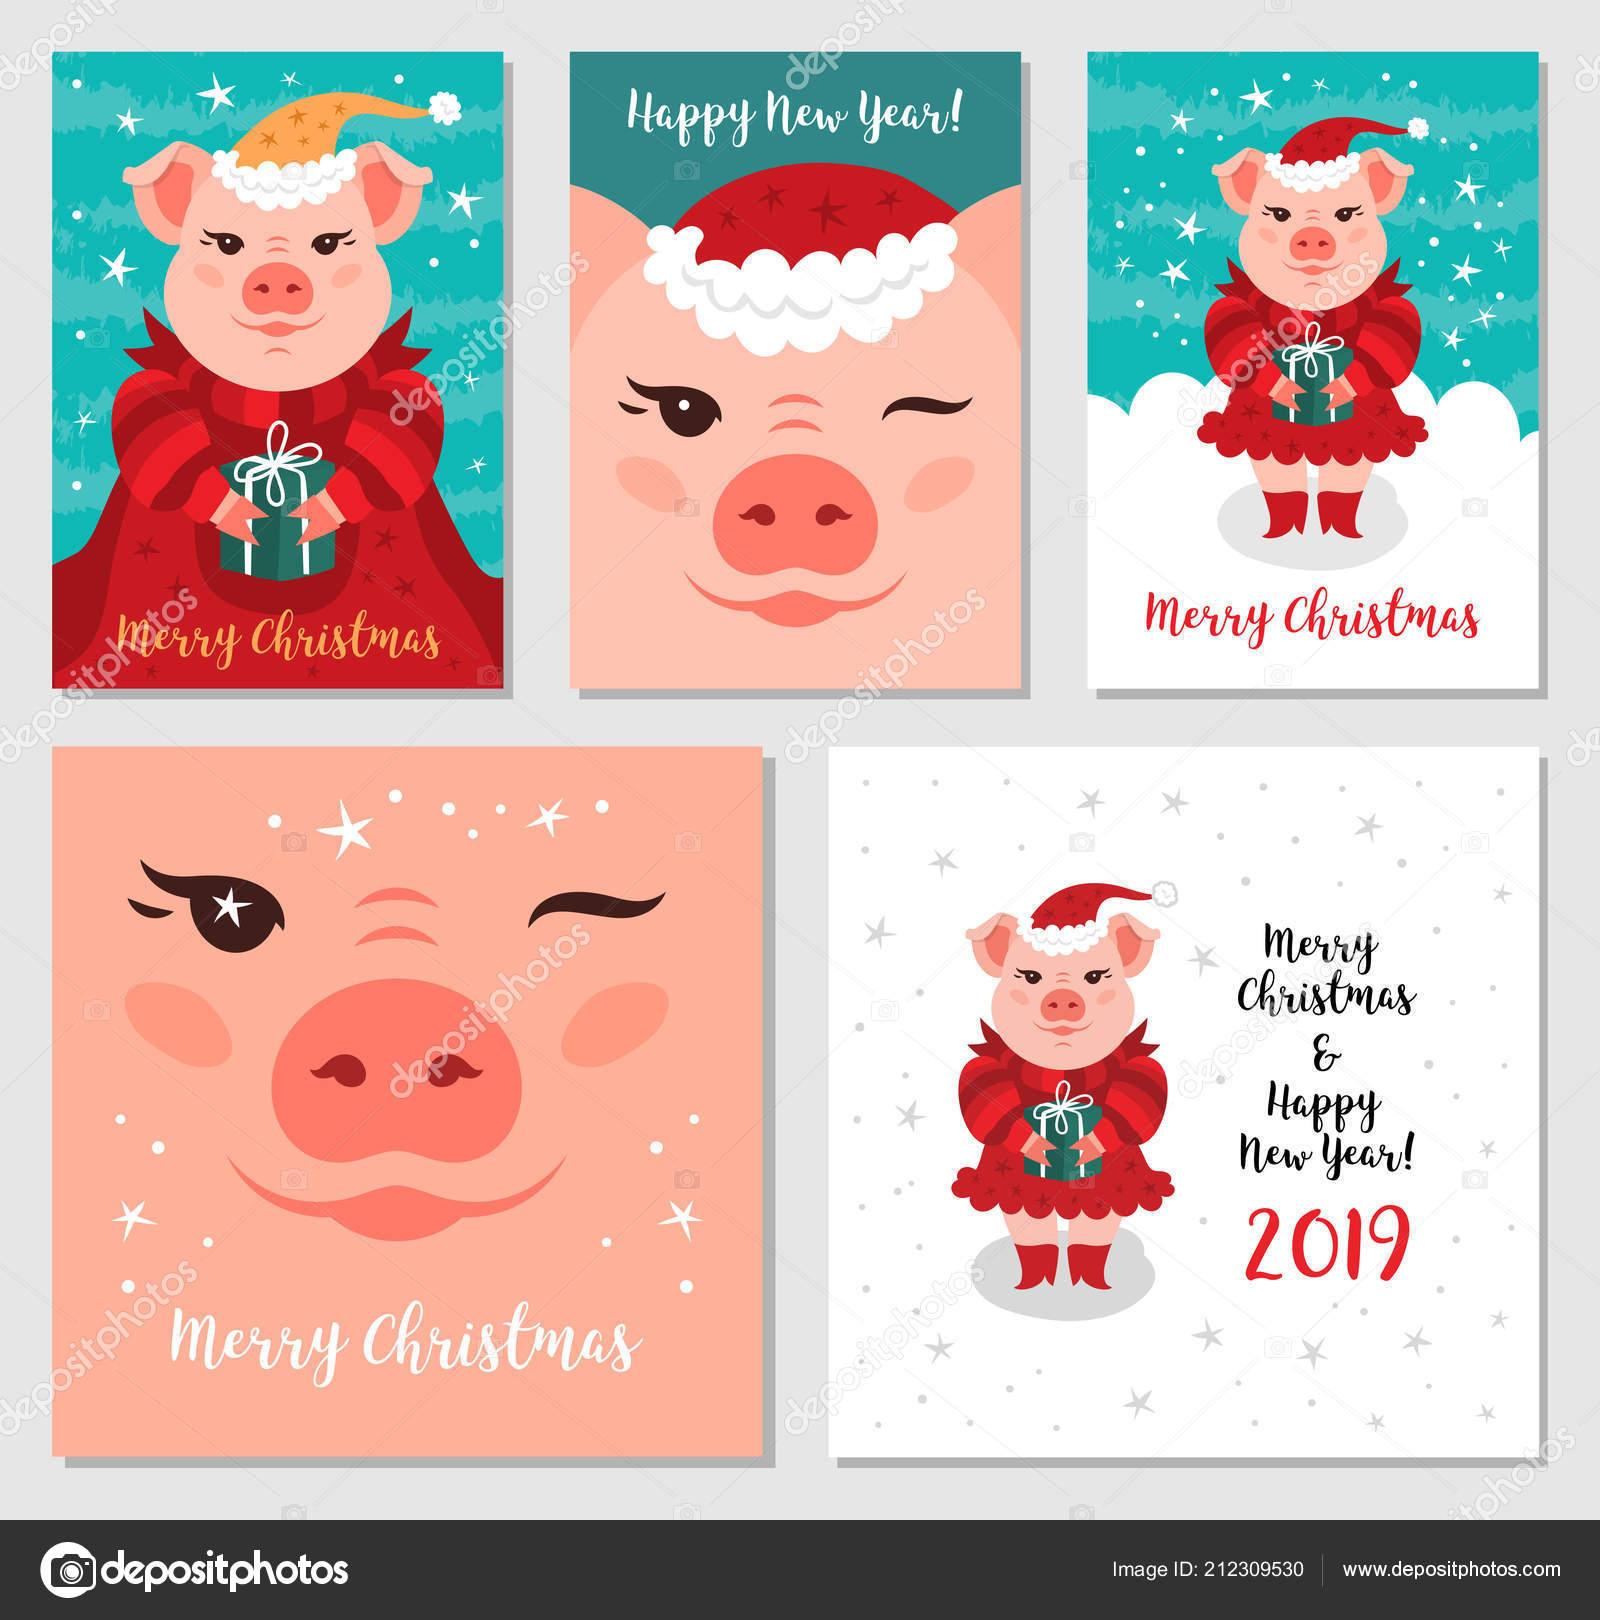 Immagini Divertenti Natale 2019.Immagini Auguri Di Buon Natale Divertenti Maiali